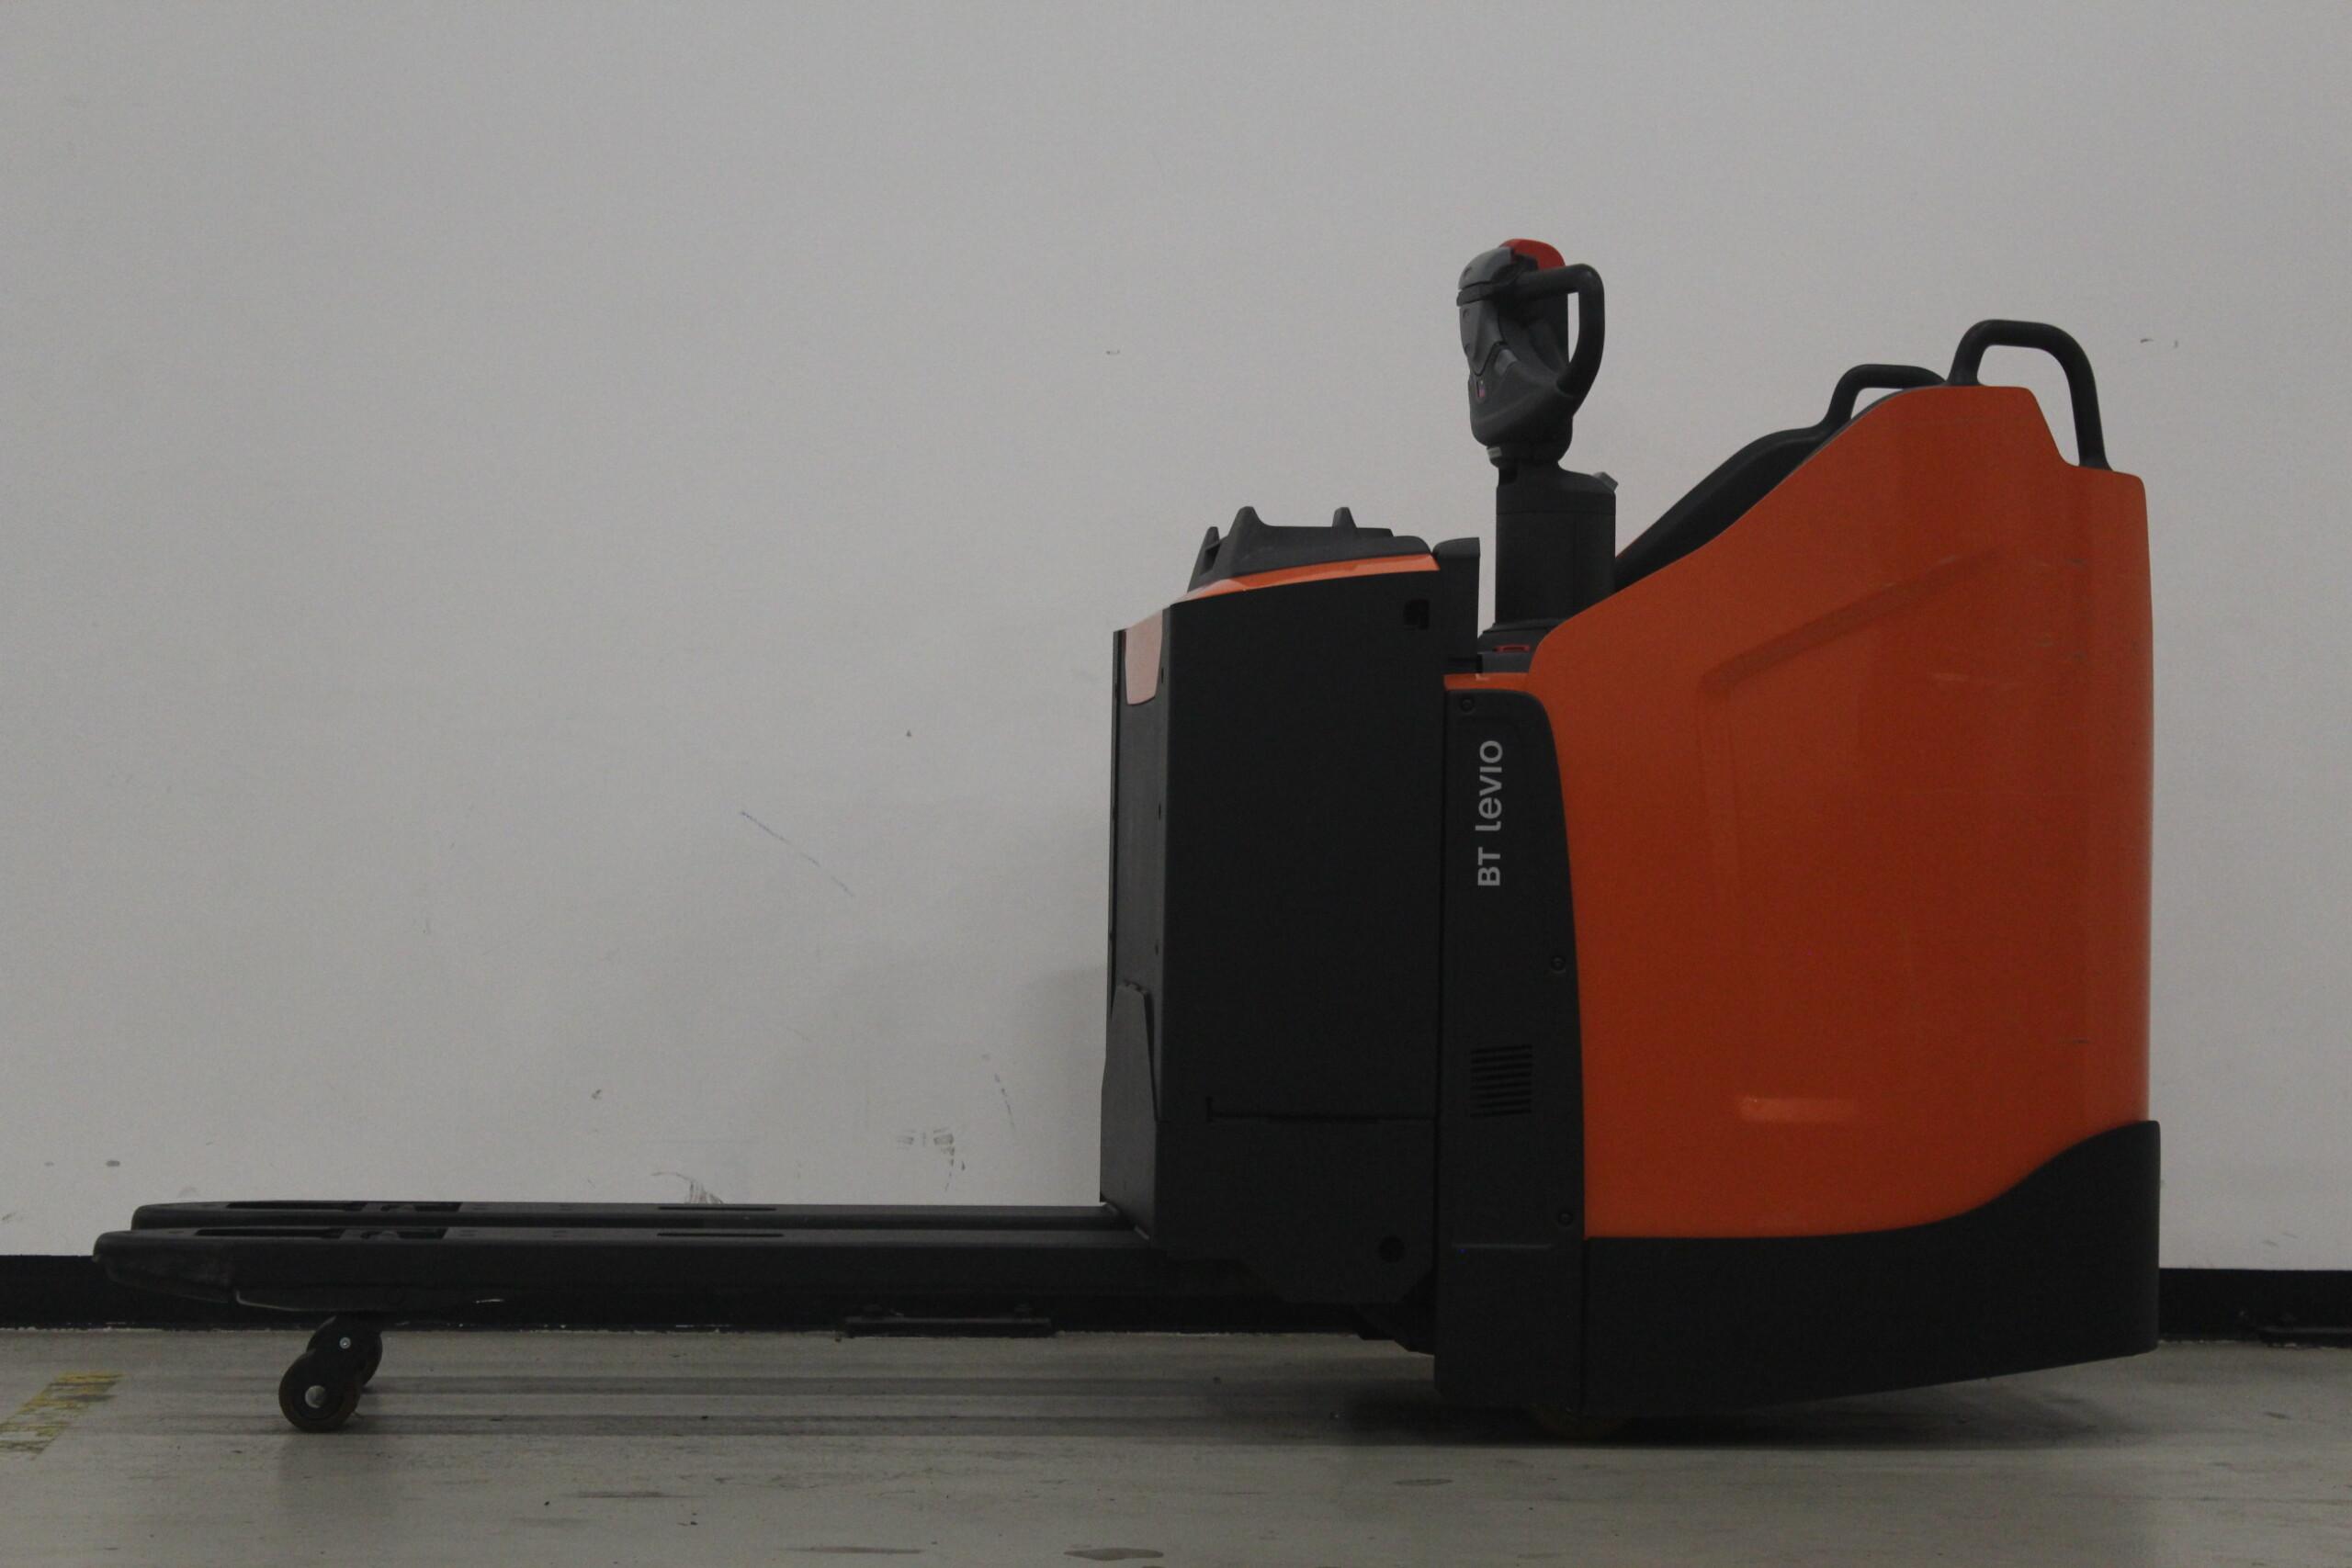 Toyota-Gabelstapler-59840 2001031281 1 5 scaled